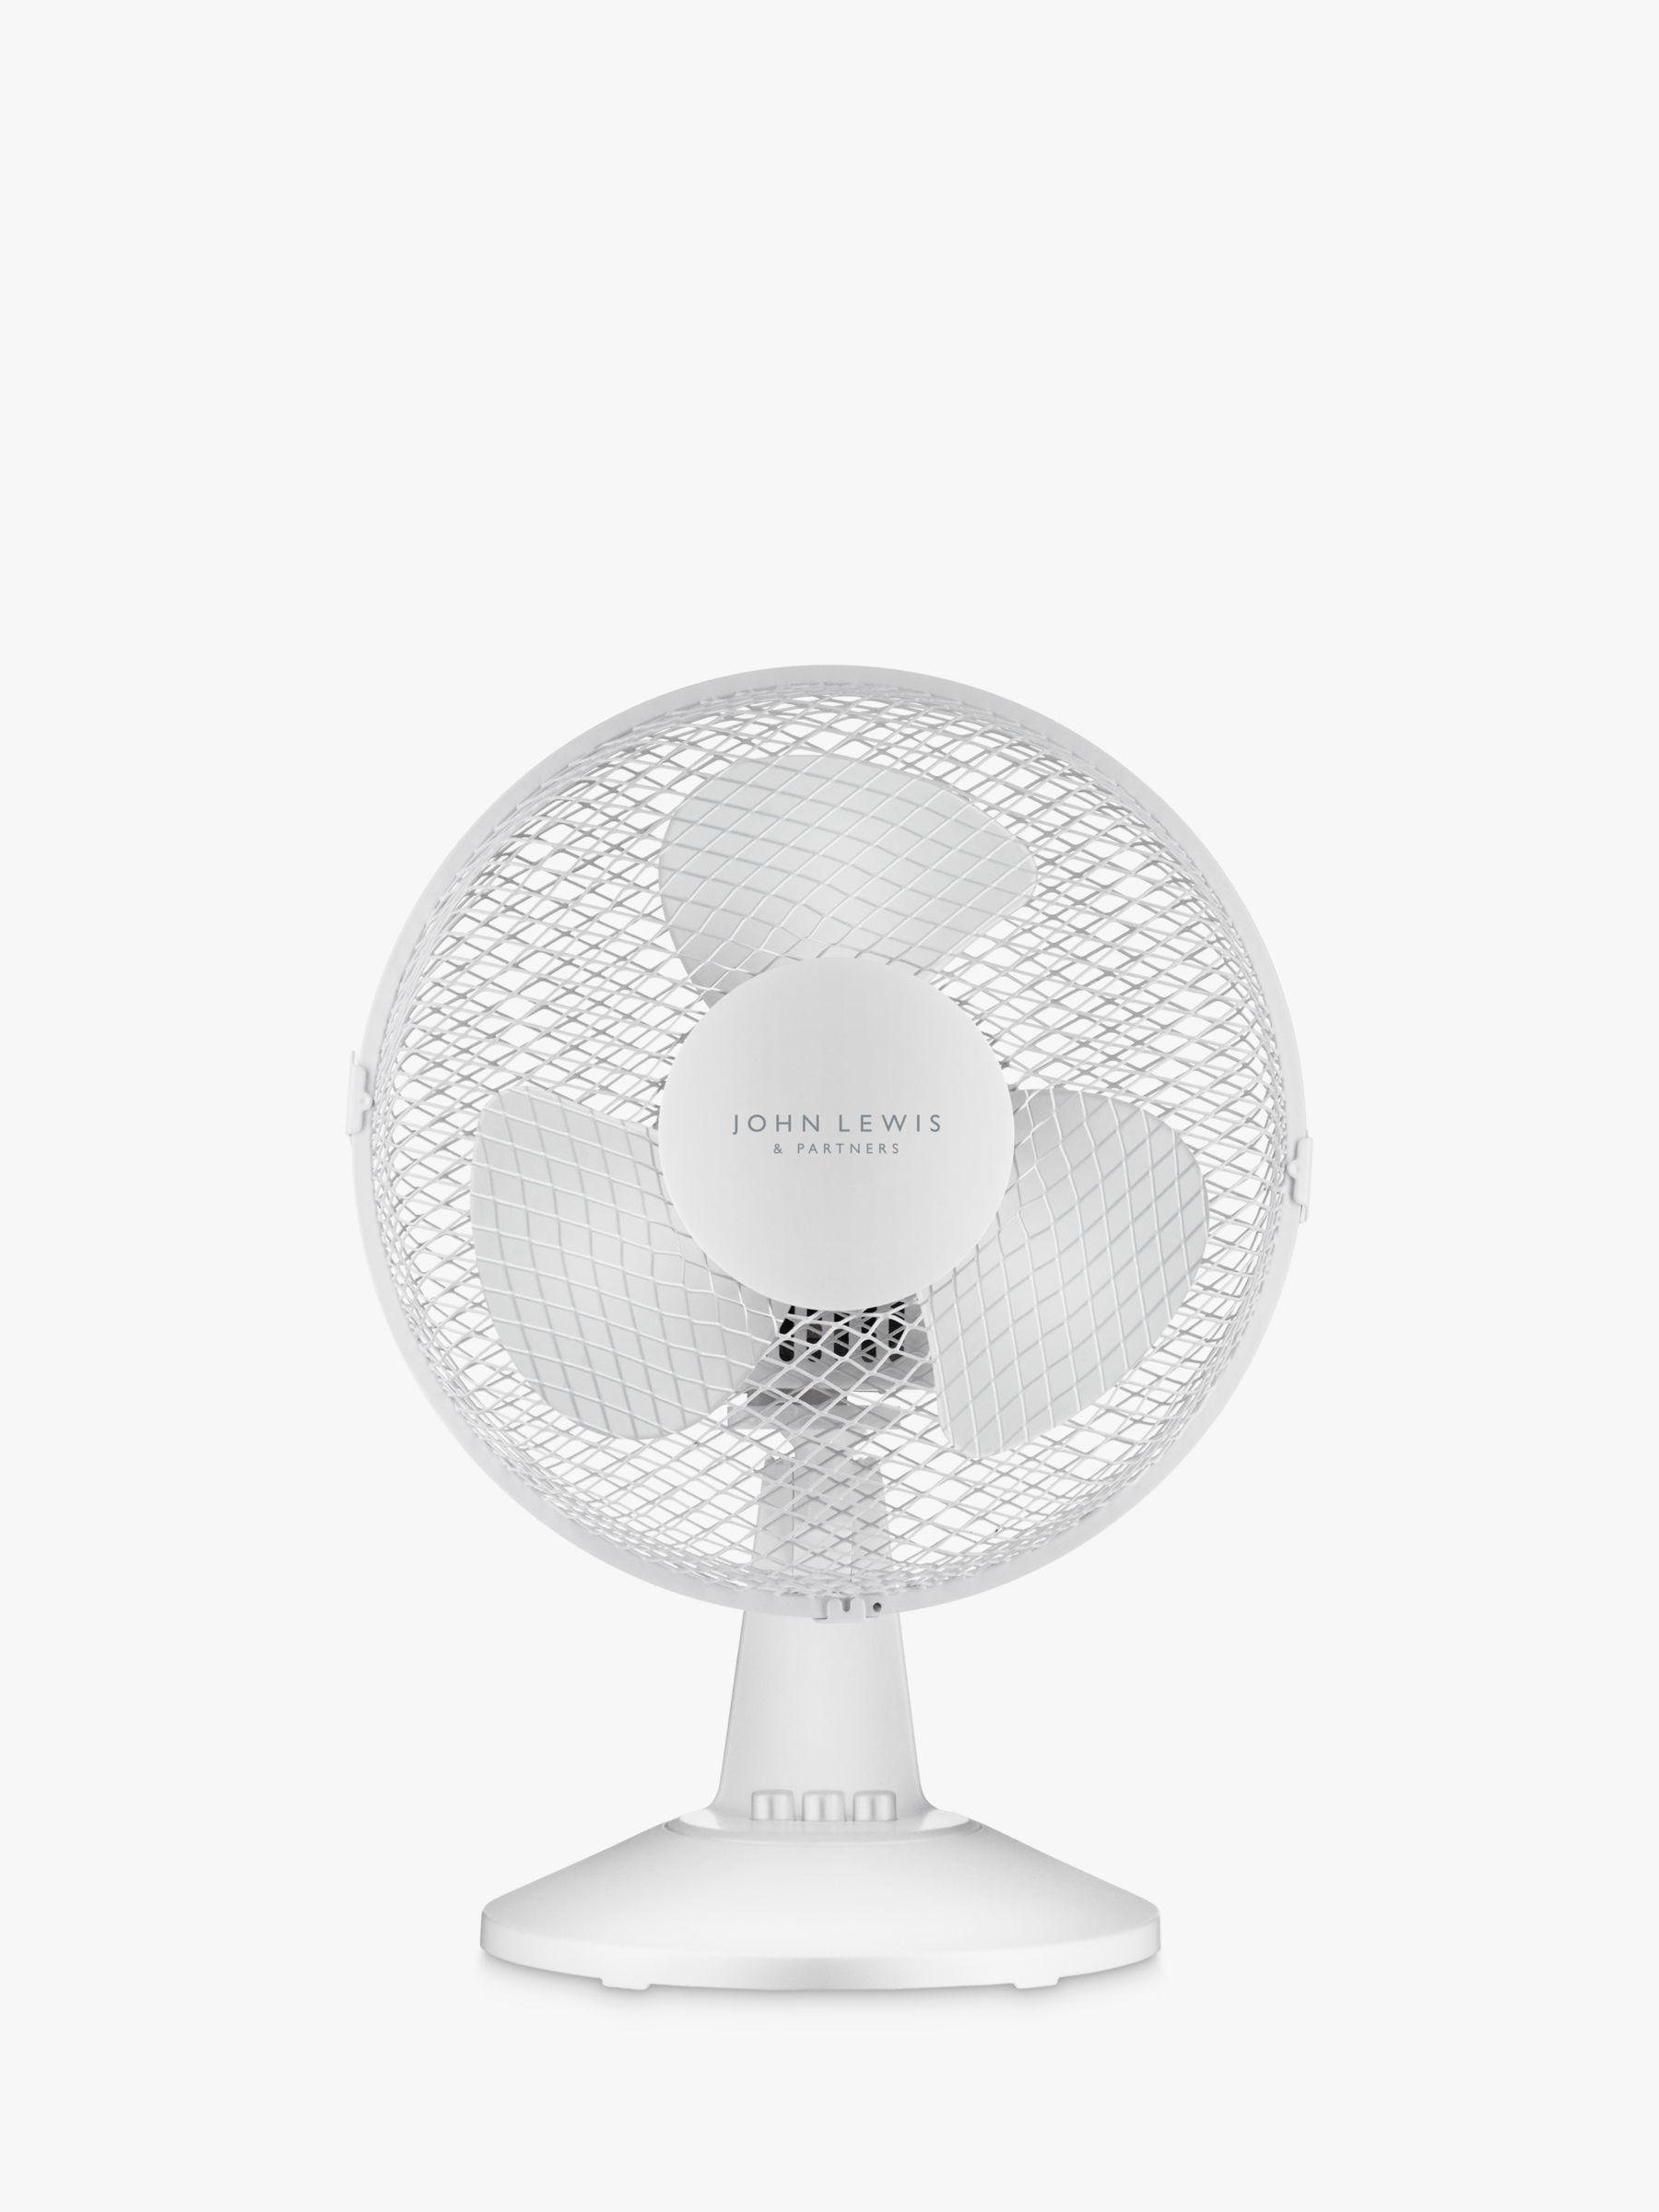 ANYDAY John Lewis & Partners Desk Fan, 9 inch, White